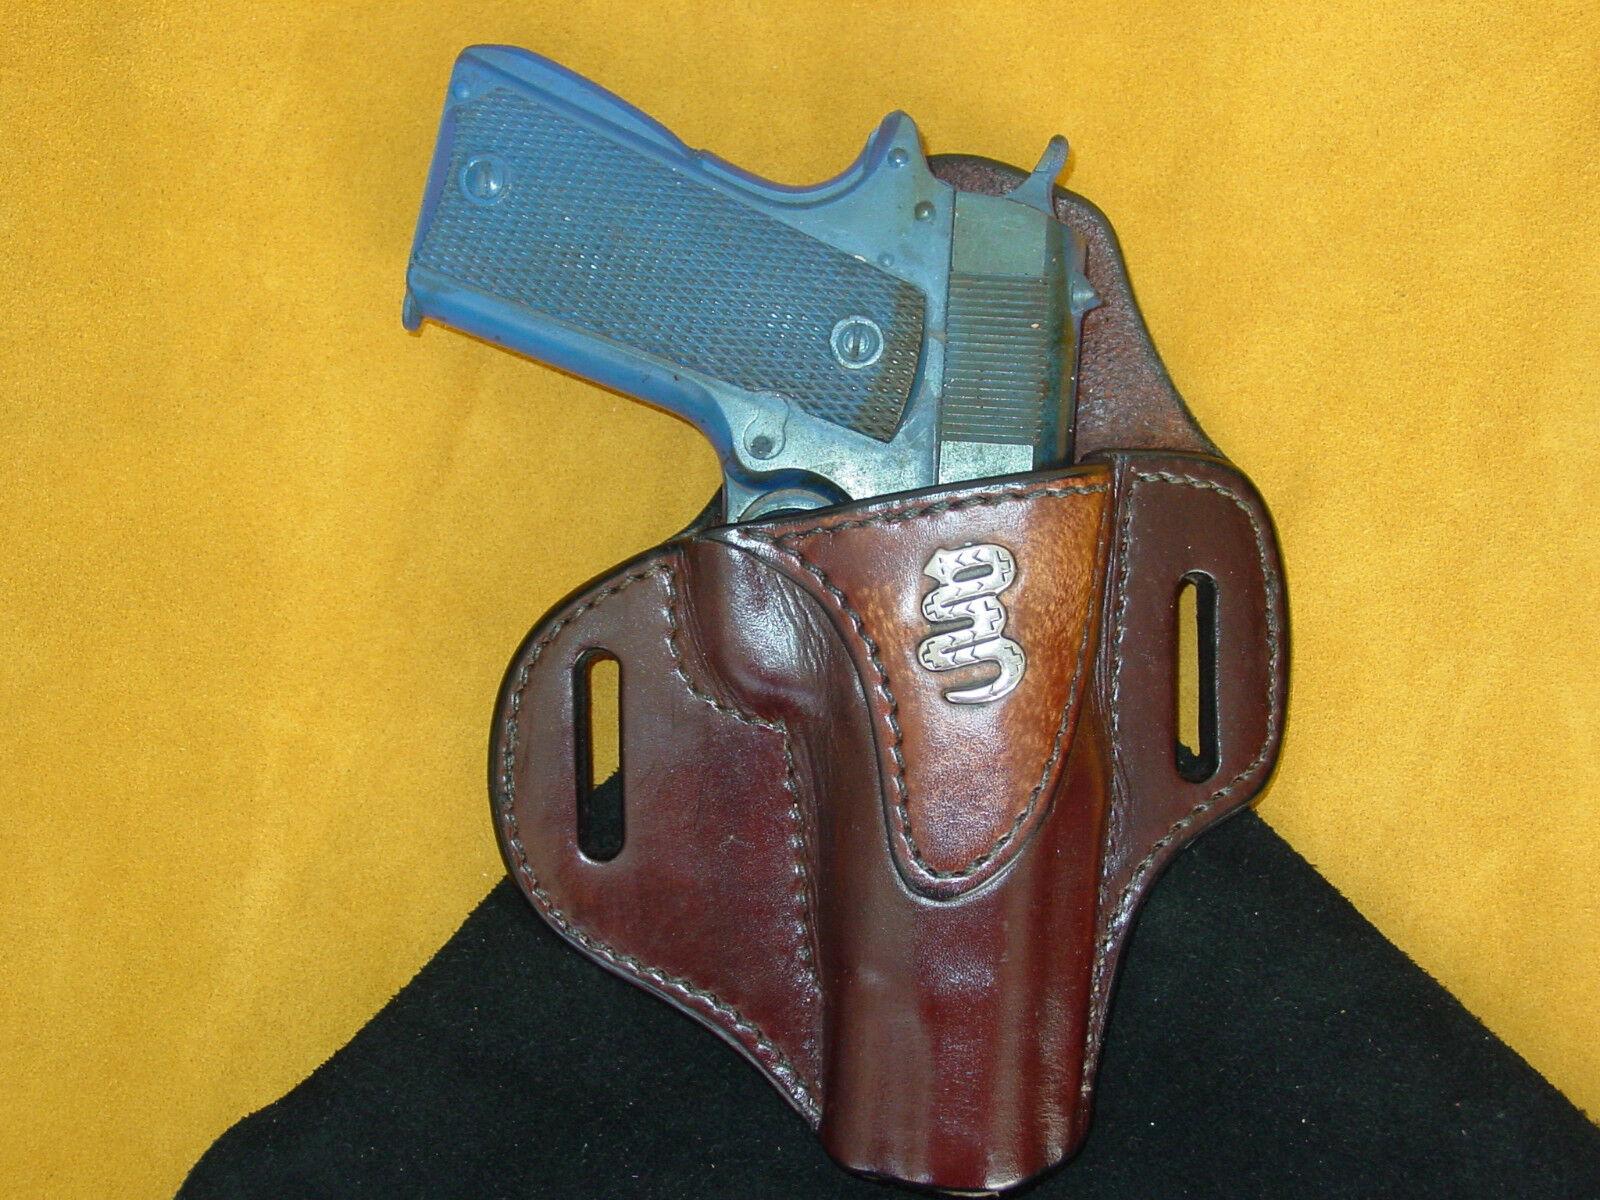 Colt Sig Springfield 1911 completo tamaño 5  Funda Bruñido Marrón Serpiente Kwik y Gratis